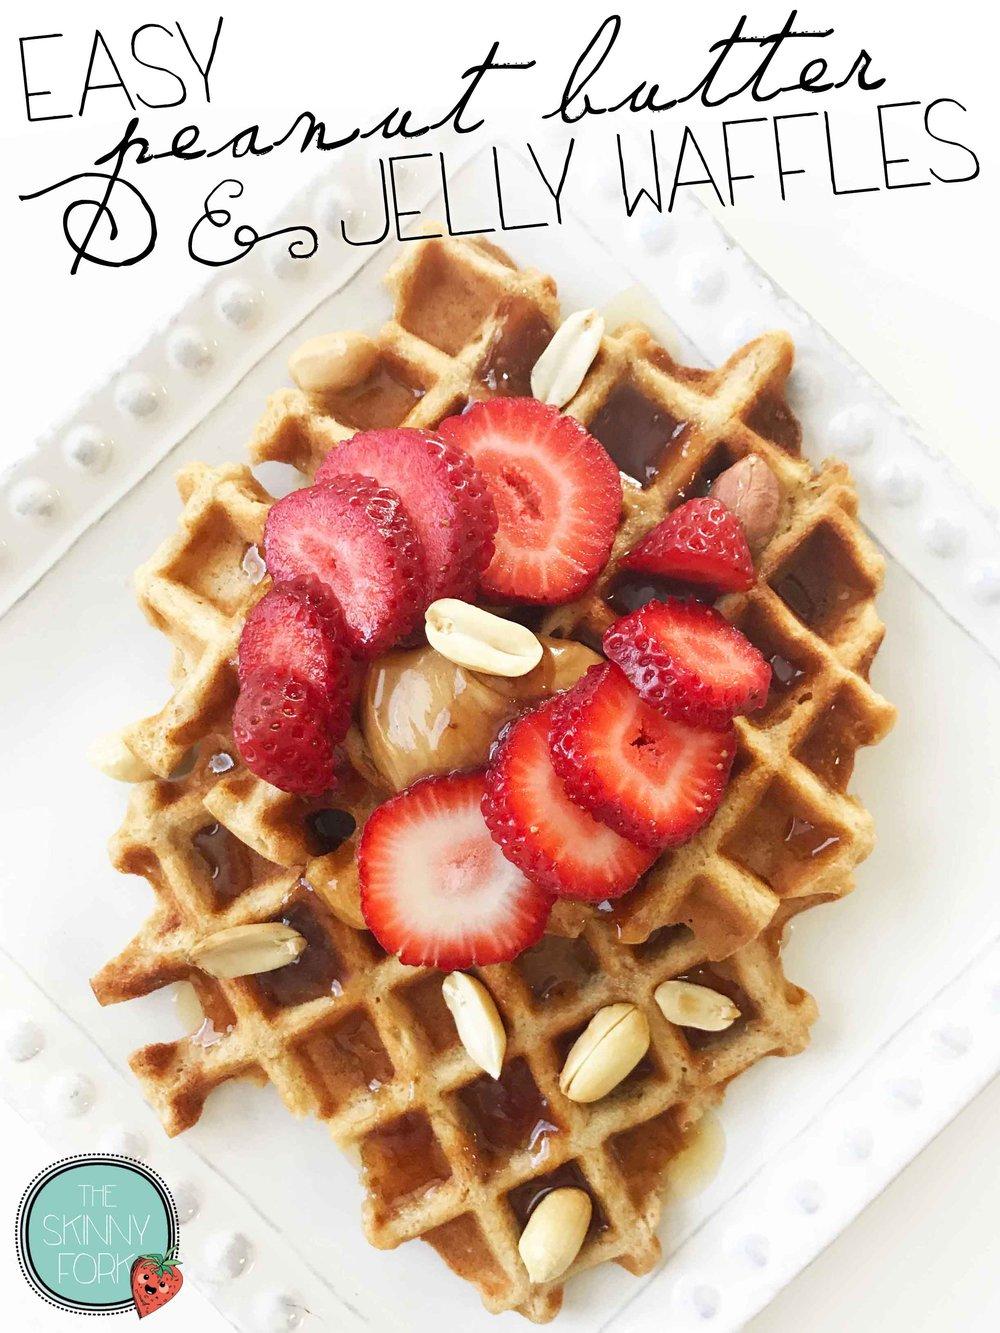 pbj-waffles-pin.jpg